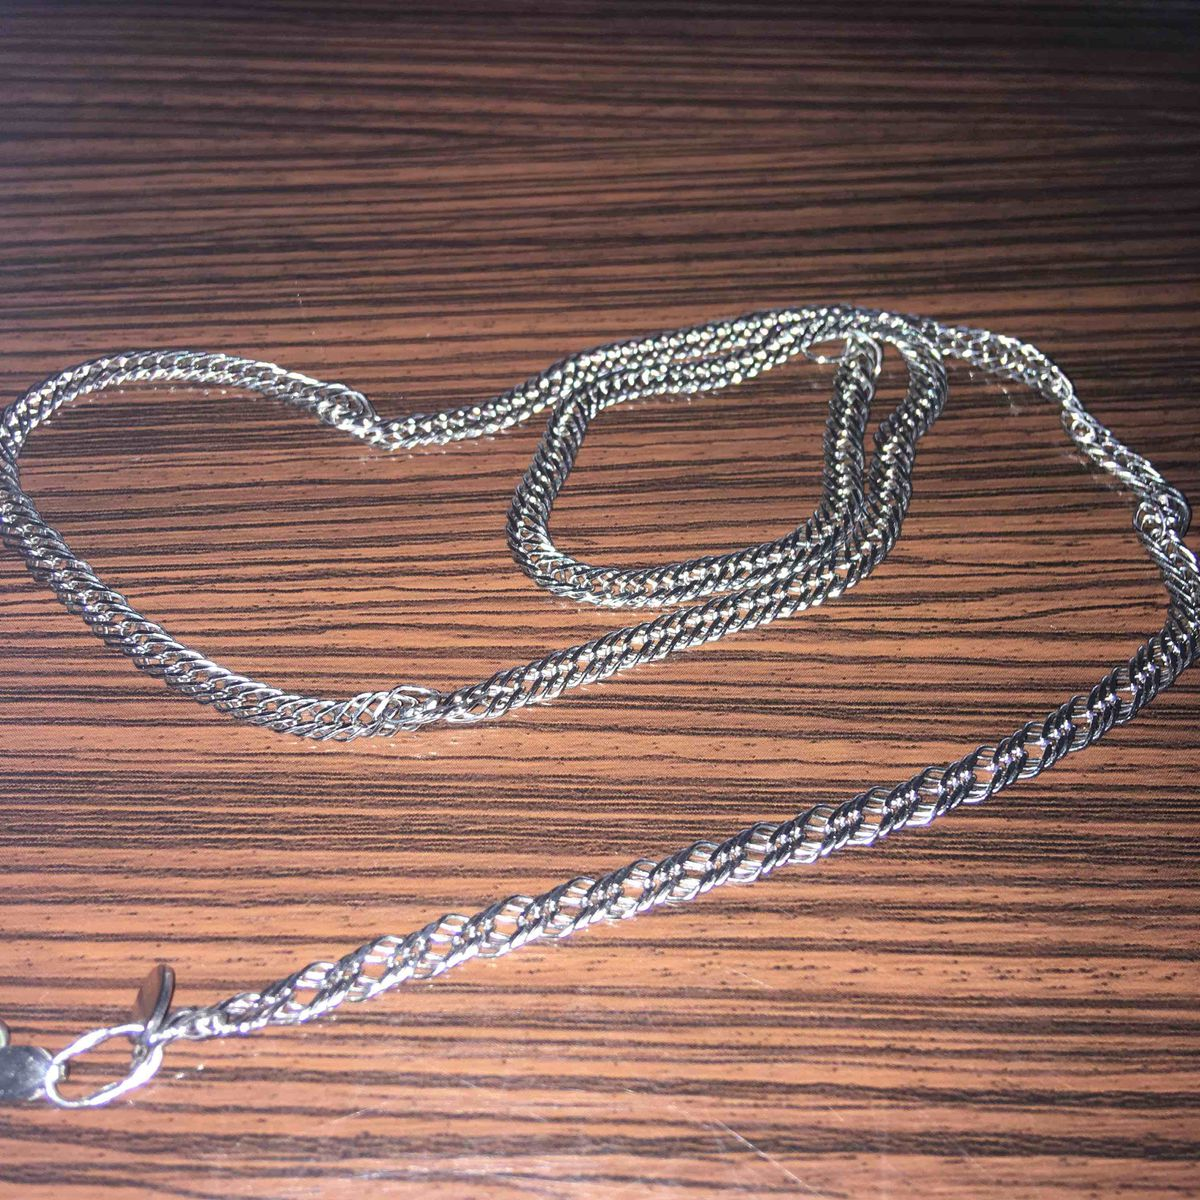 Очень красивая цепочка прочное плетение